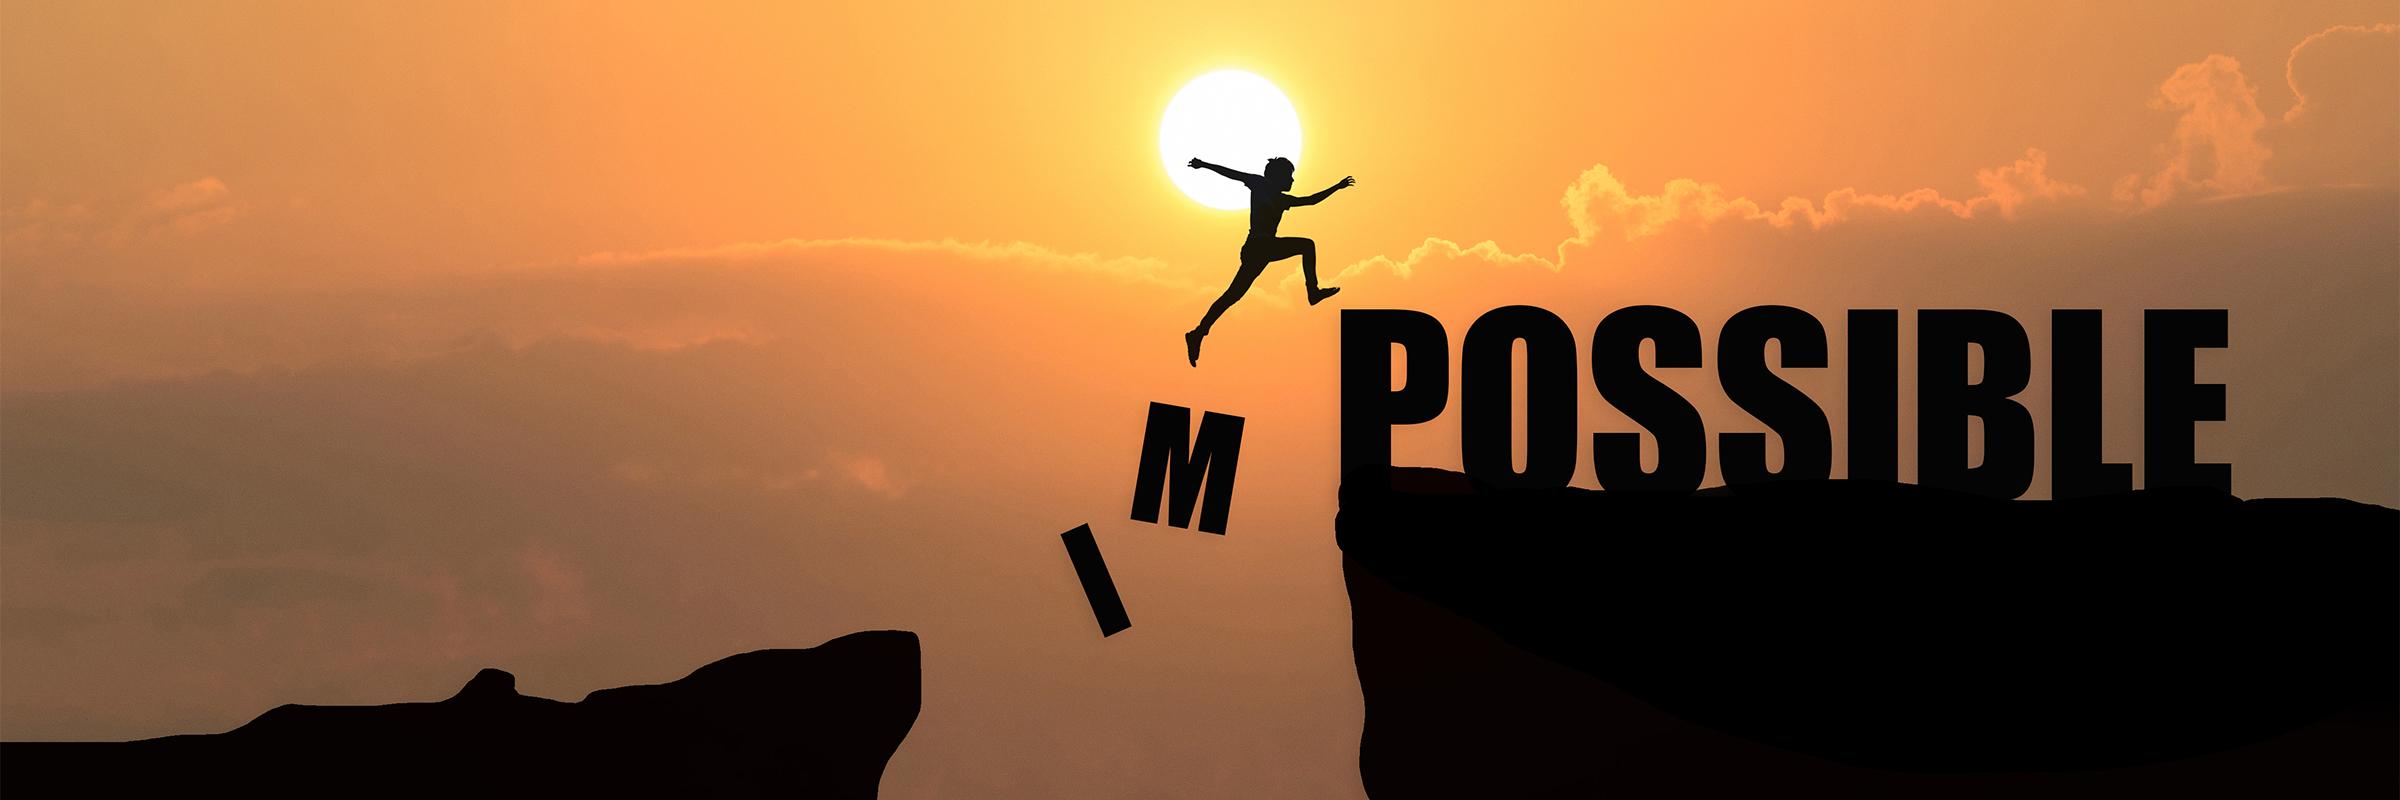 Nichts ist unmöglich - eine Krise ist auch eine Chance.